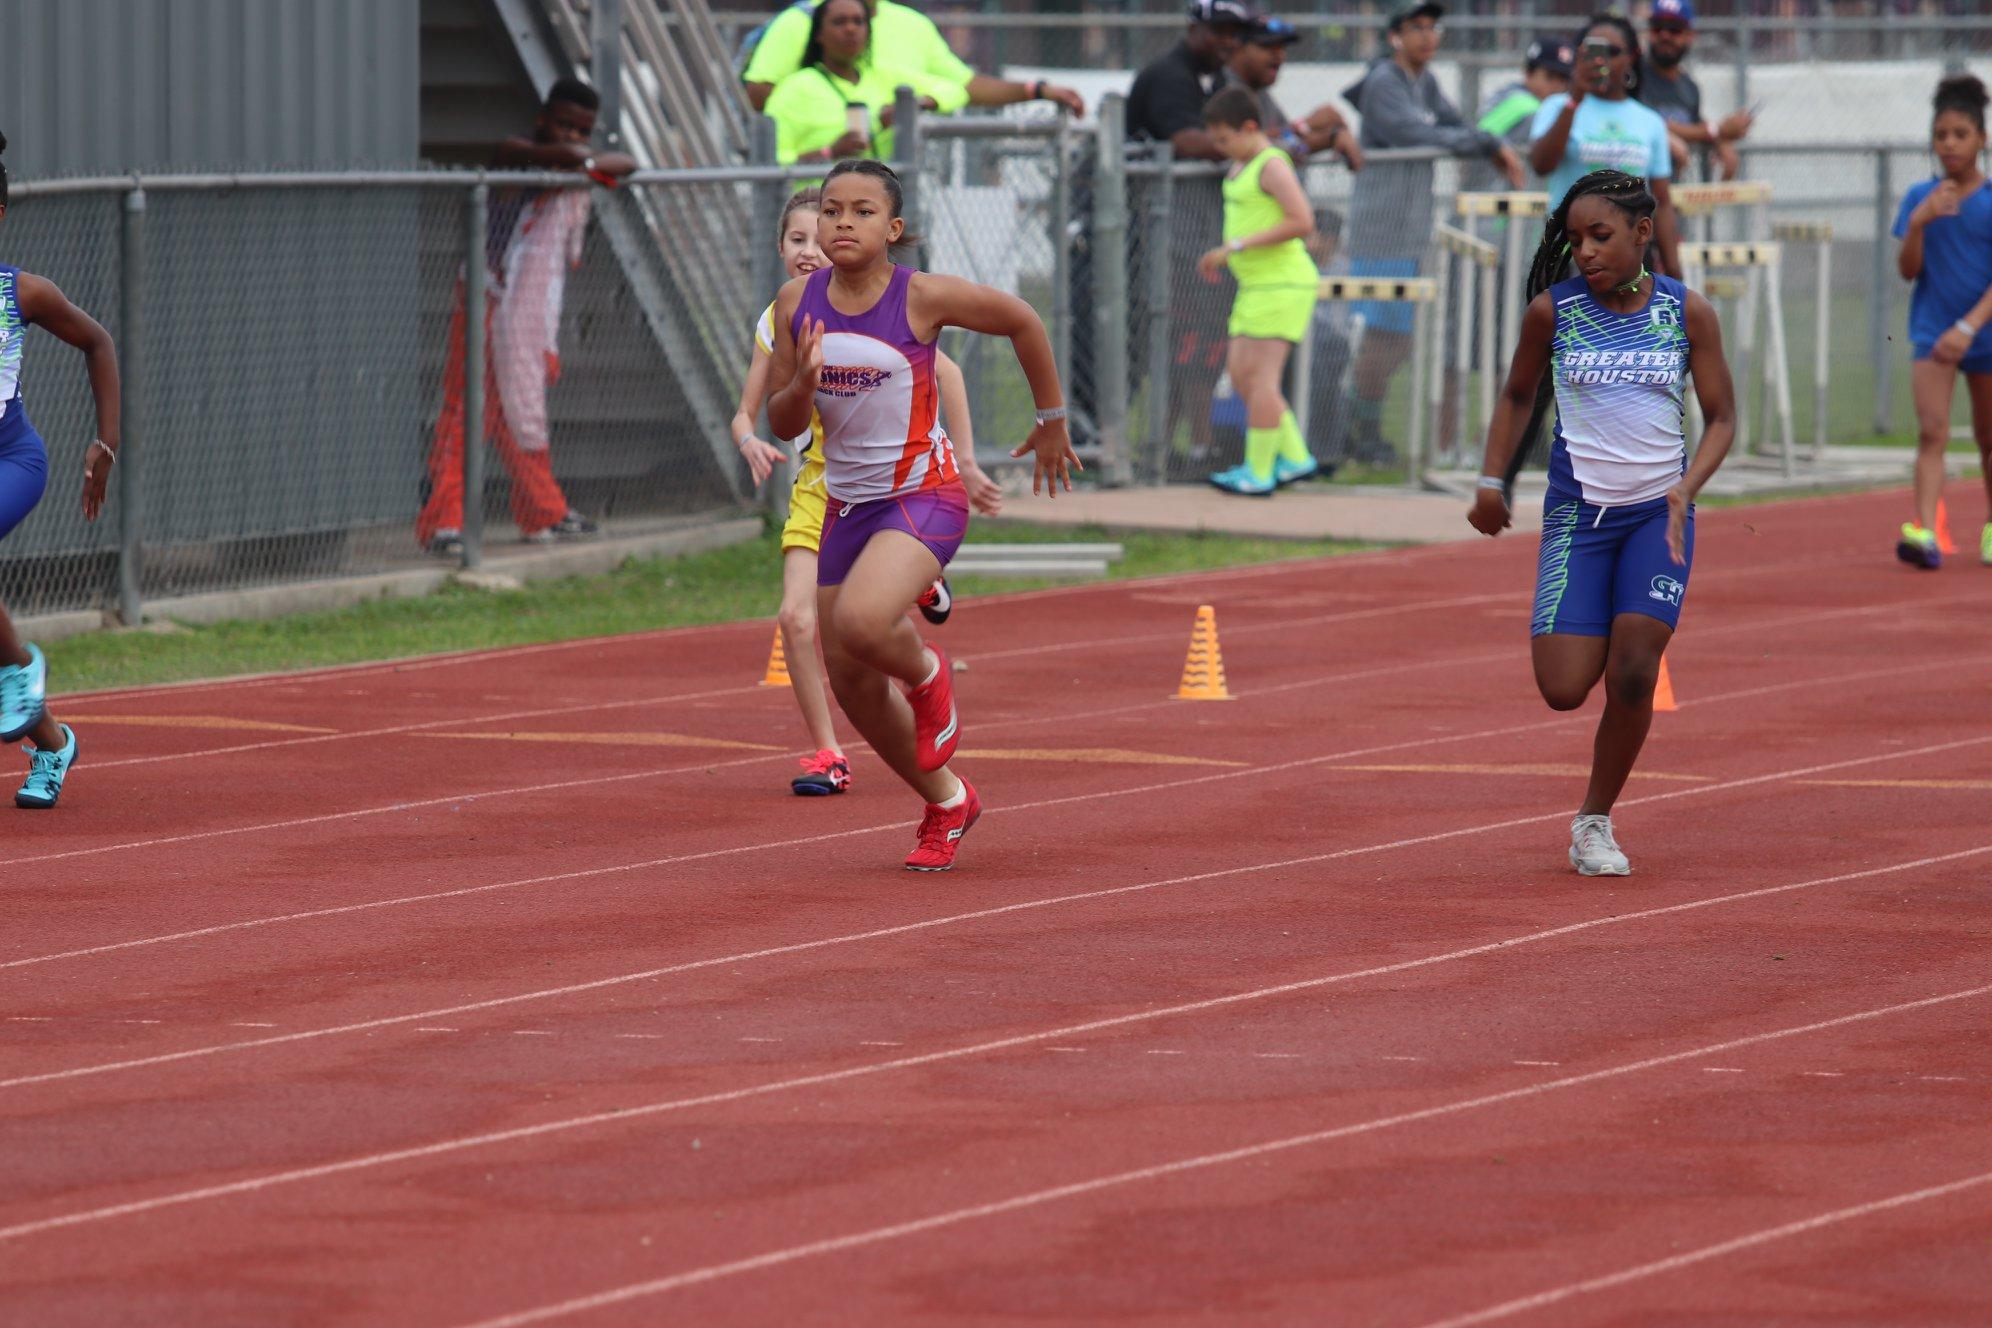 Sydney running the 100